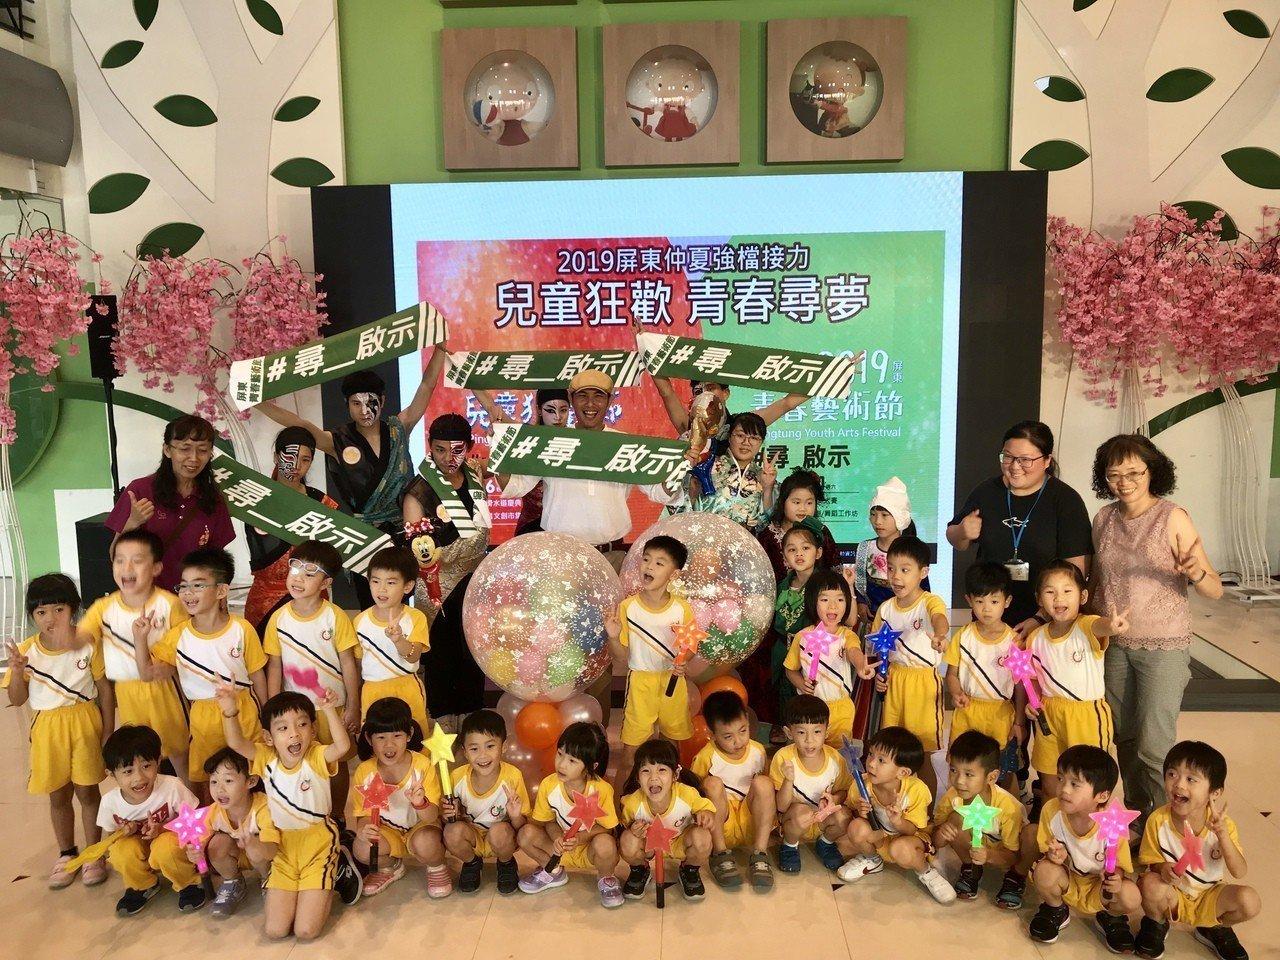 兒童狂歡節7月6日於屏東藝術館揭幕。記者江國豪/攝影